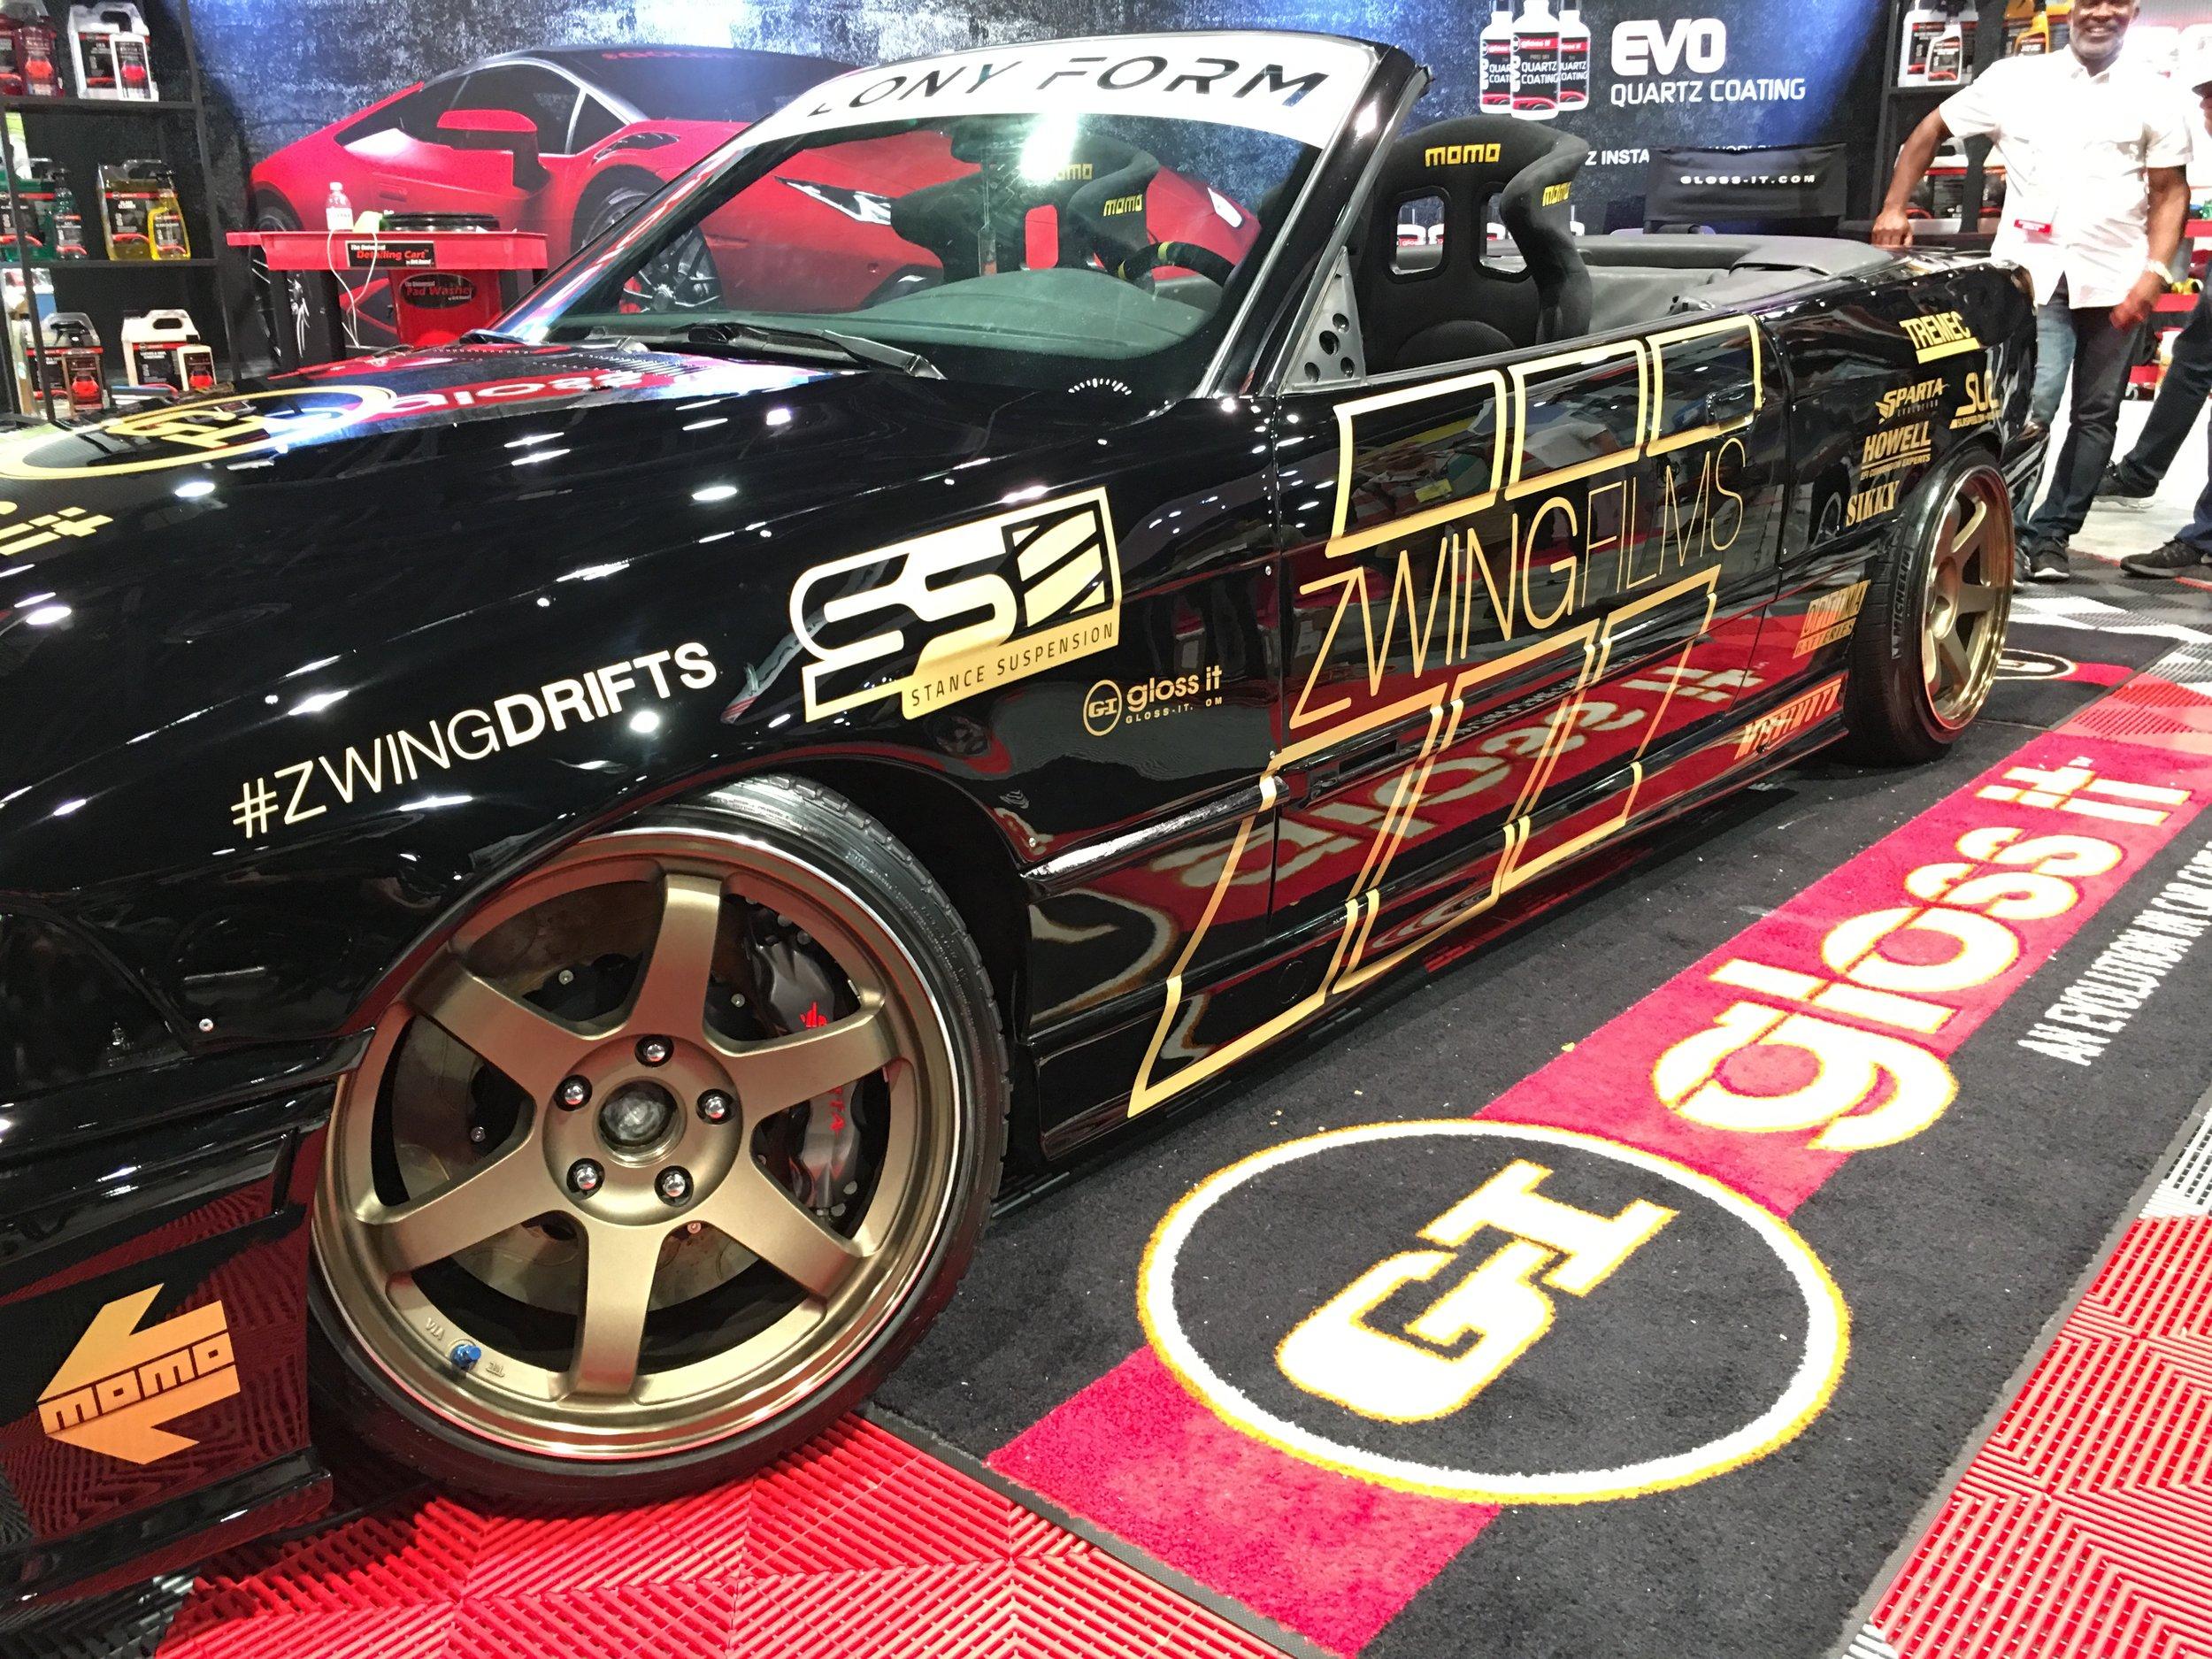 Zach (Zwing Films) BMW